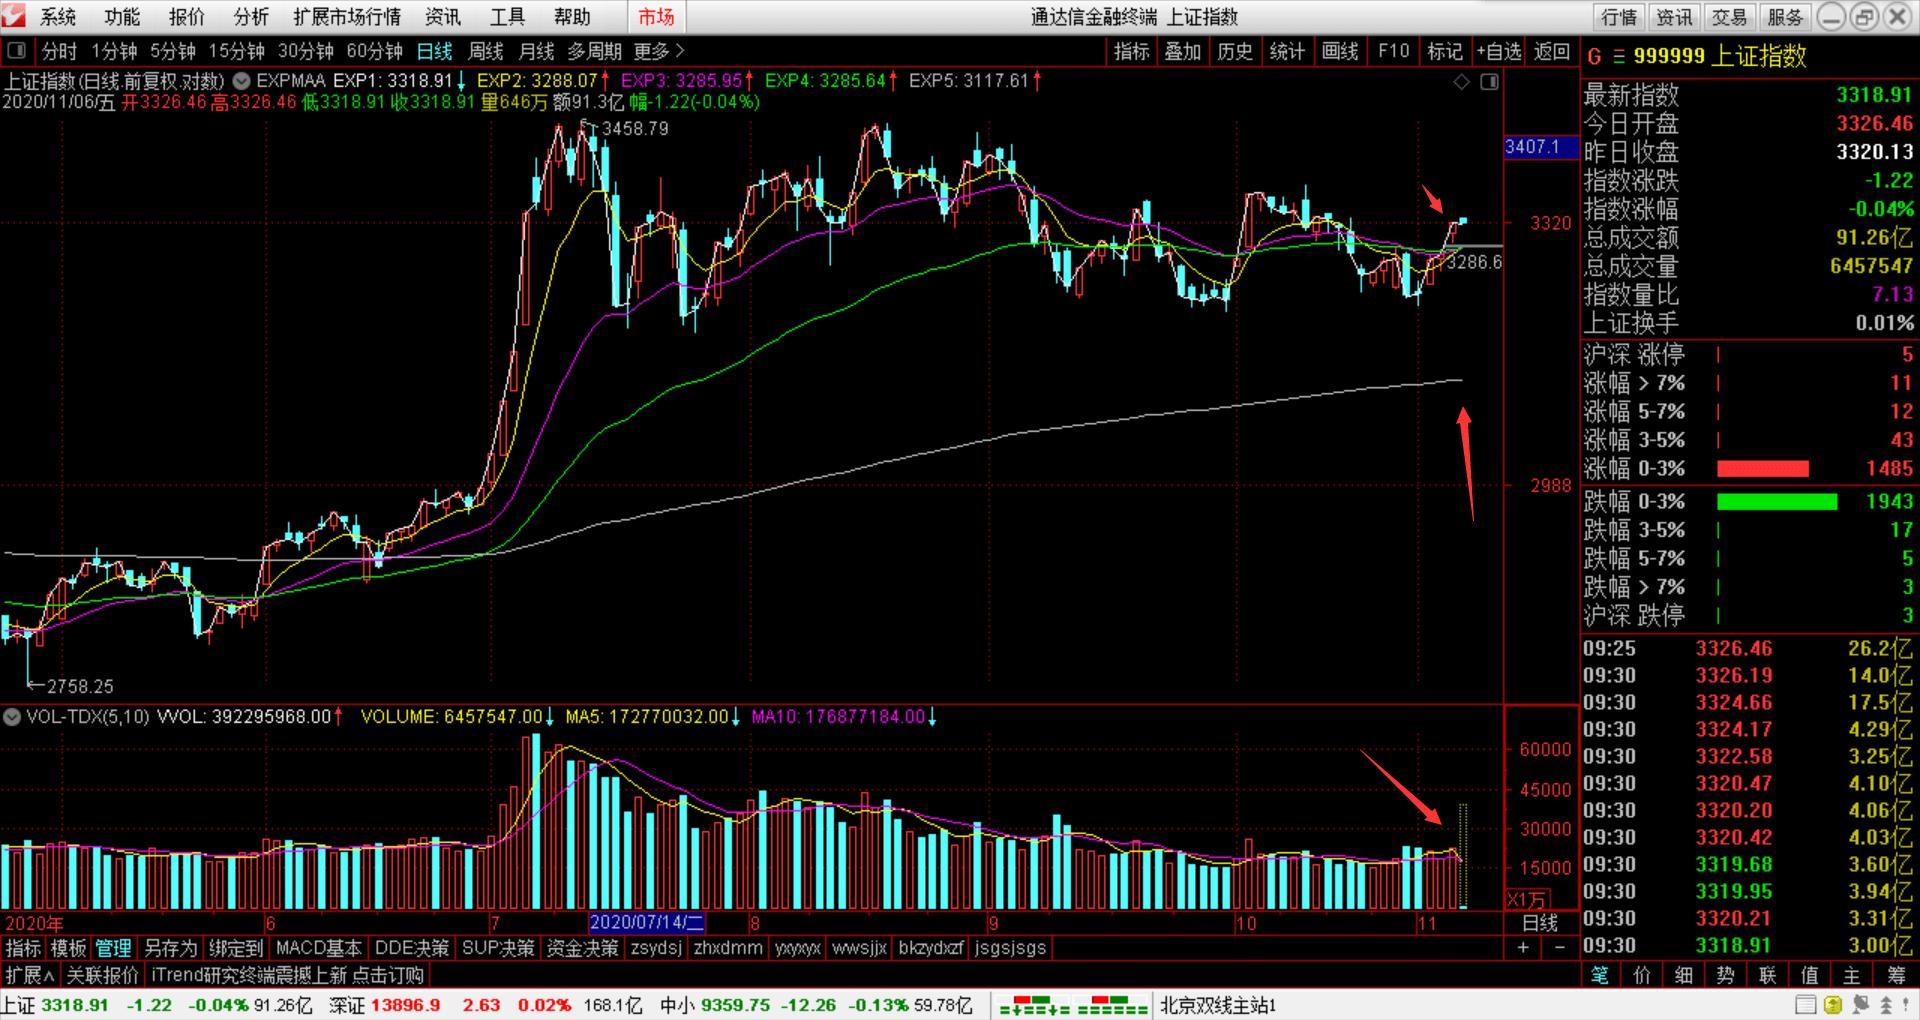 2020年11月6日股票大盘分析方法